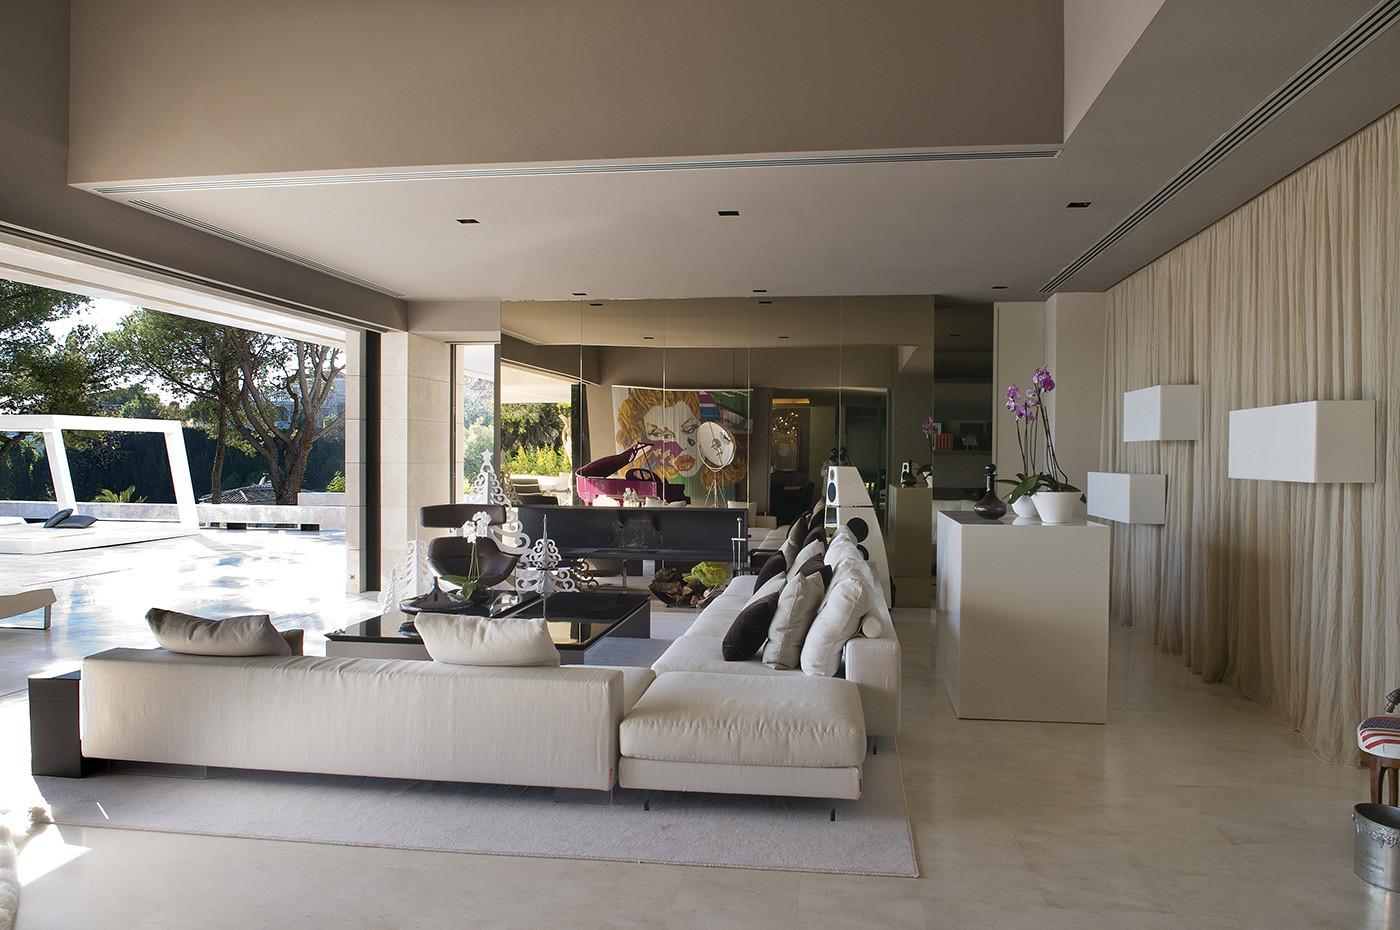 imponente y lujosa casa de diseo en puerto bans marbella costa del sol